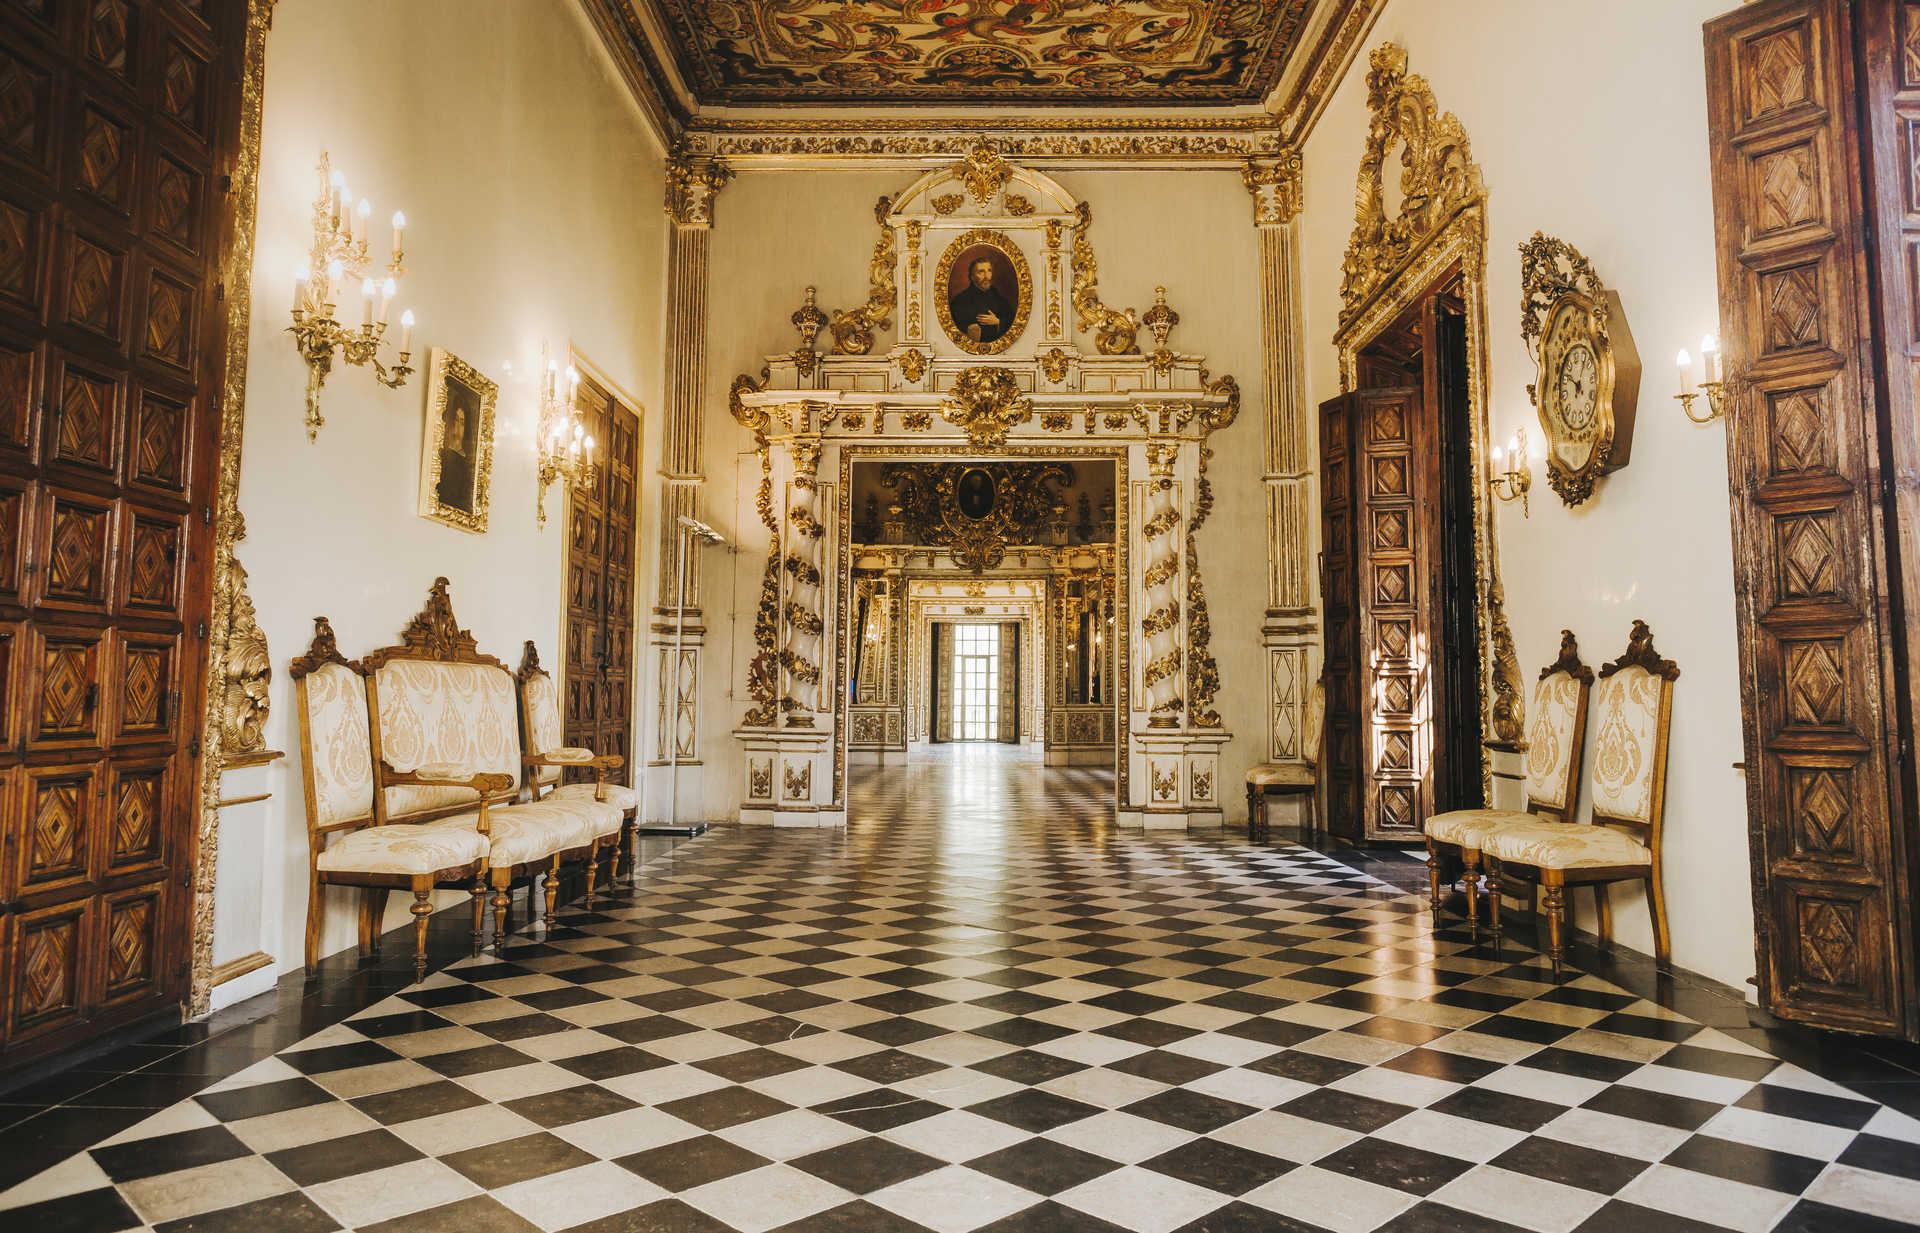 Visites nocturnes al Palau Ducal